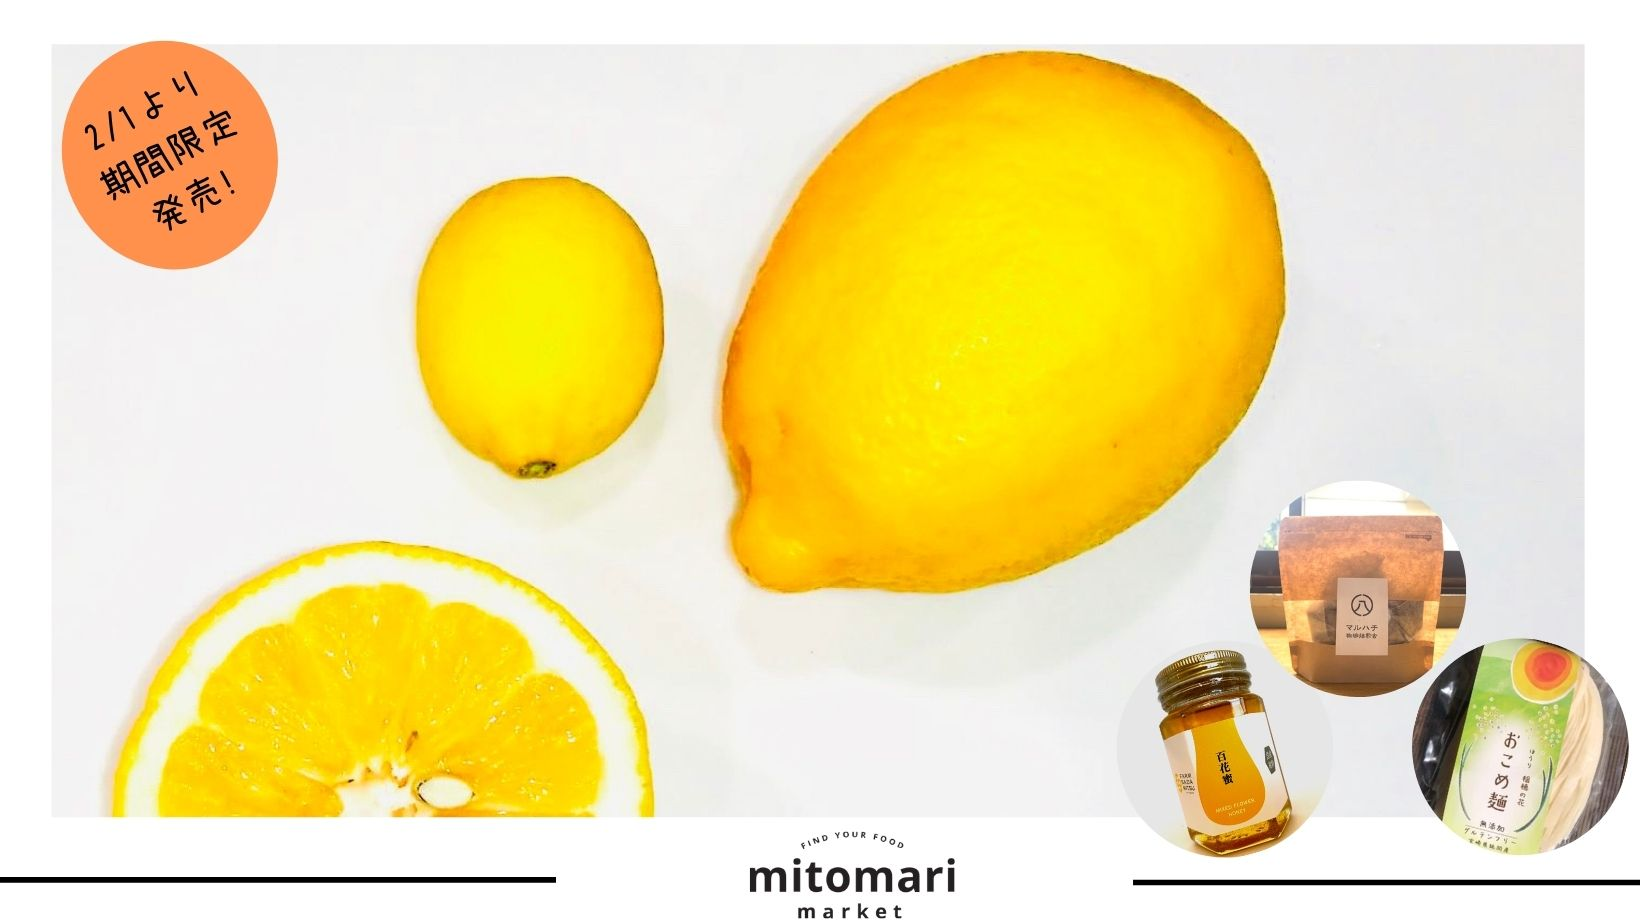 【2月1日より限定発売】八丈島のジャンボ・レモンが入った冬ぴったりのセットが3種類!